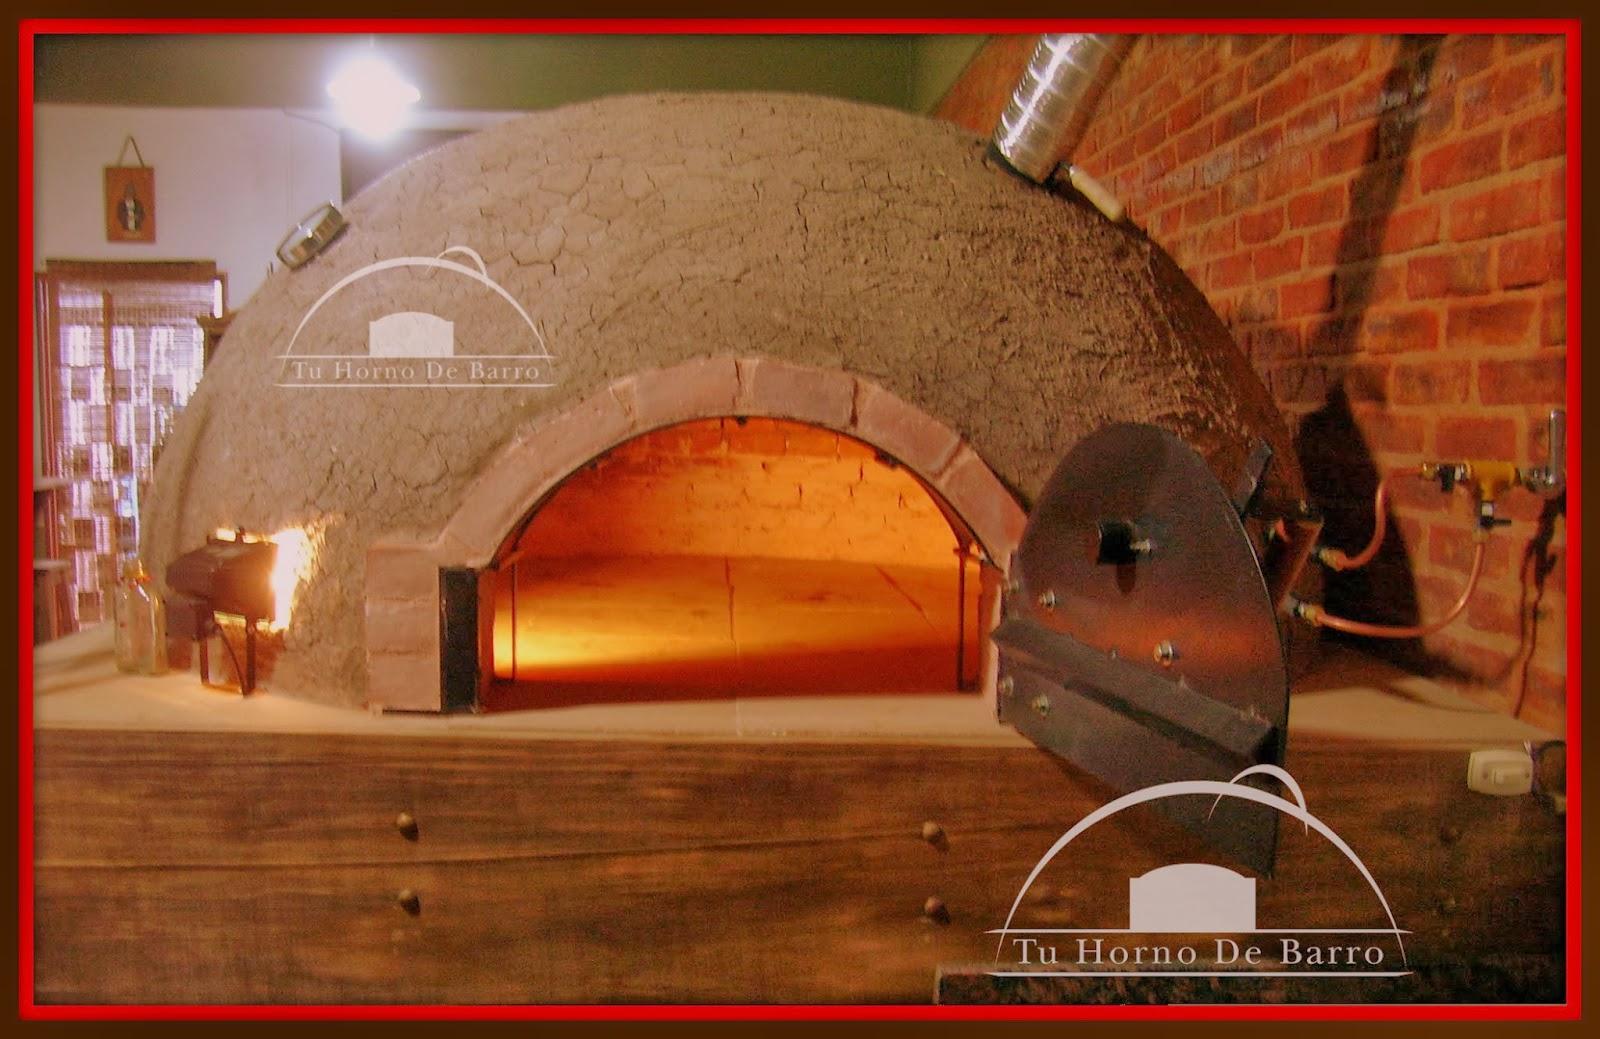 Tu horno de barro hornos de barro artesanales - Hornos a lena construccion ...